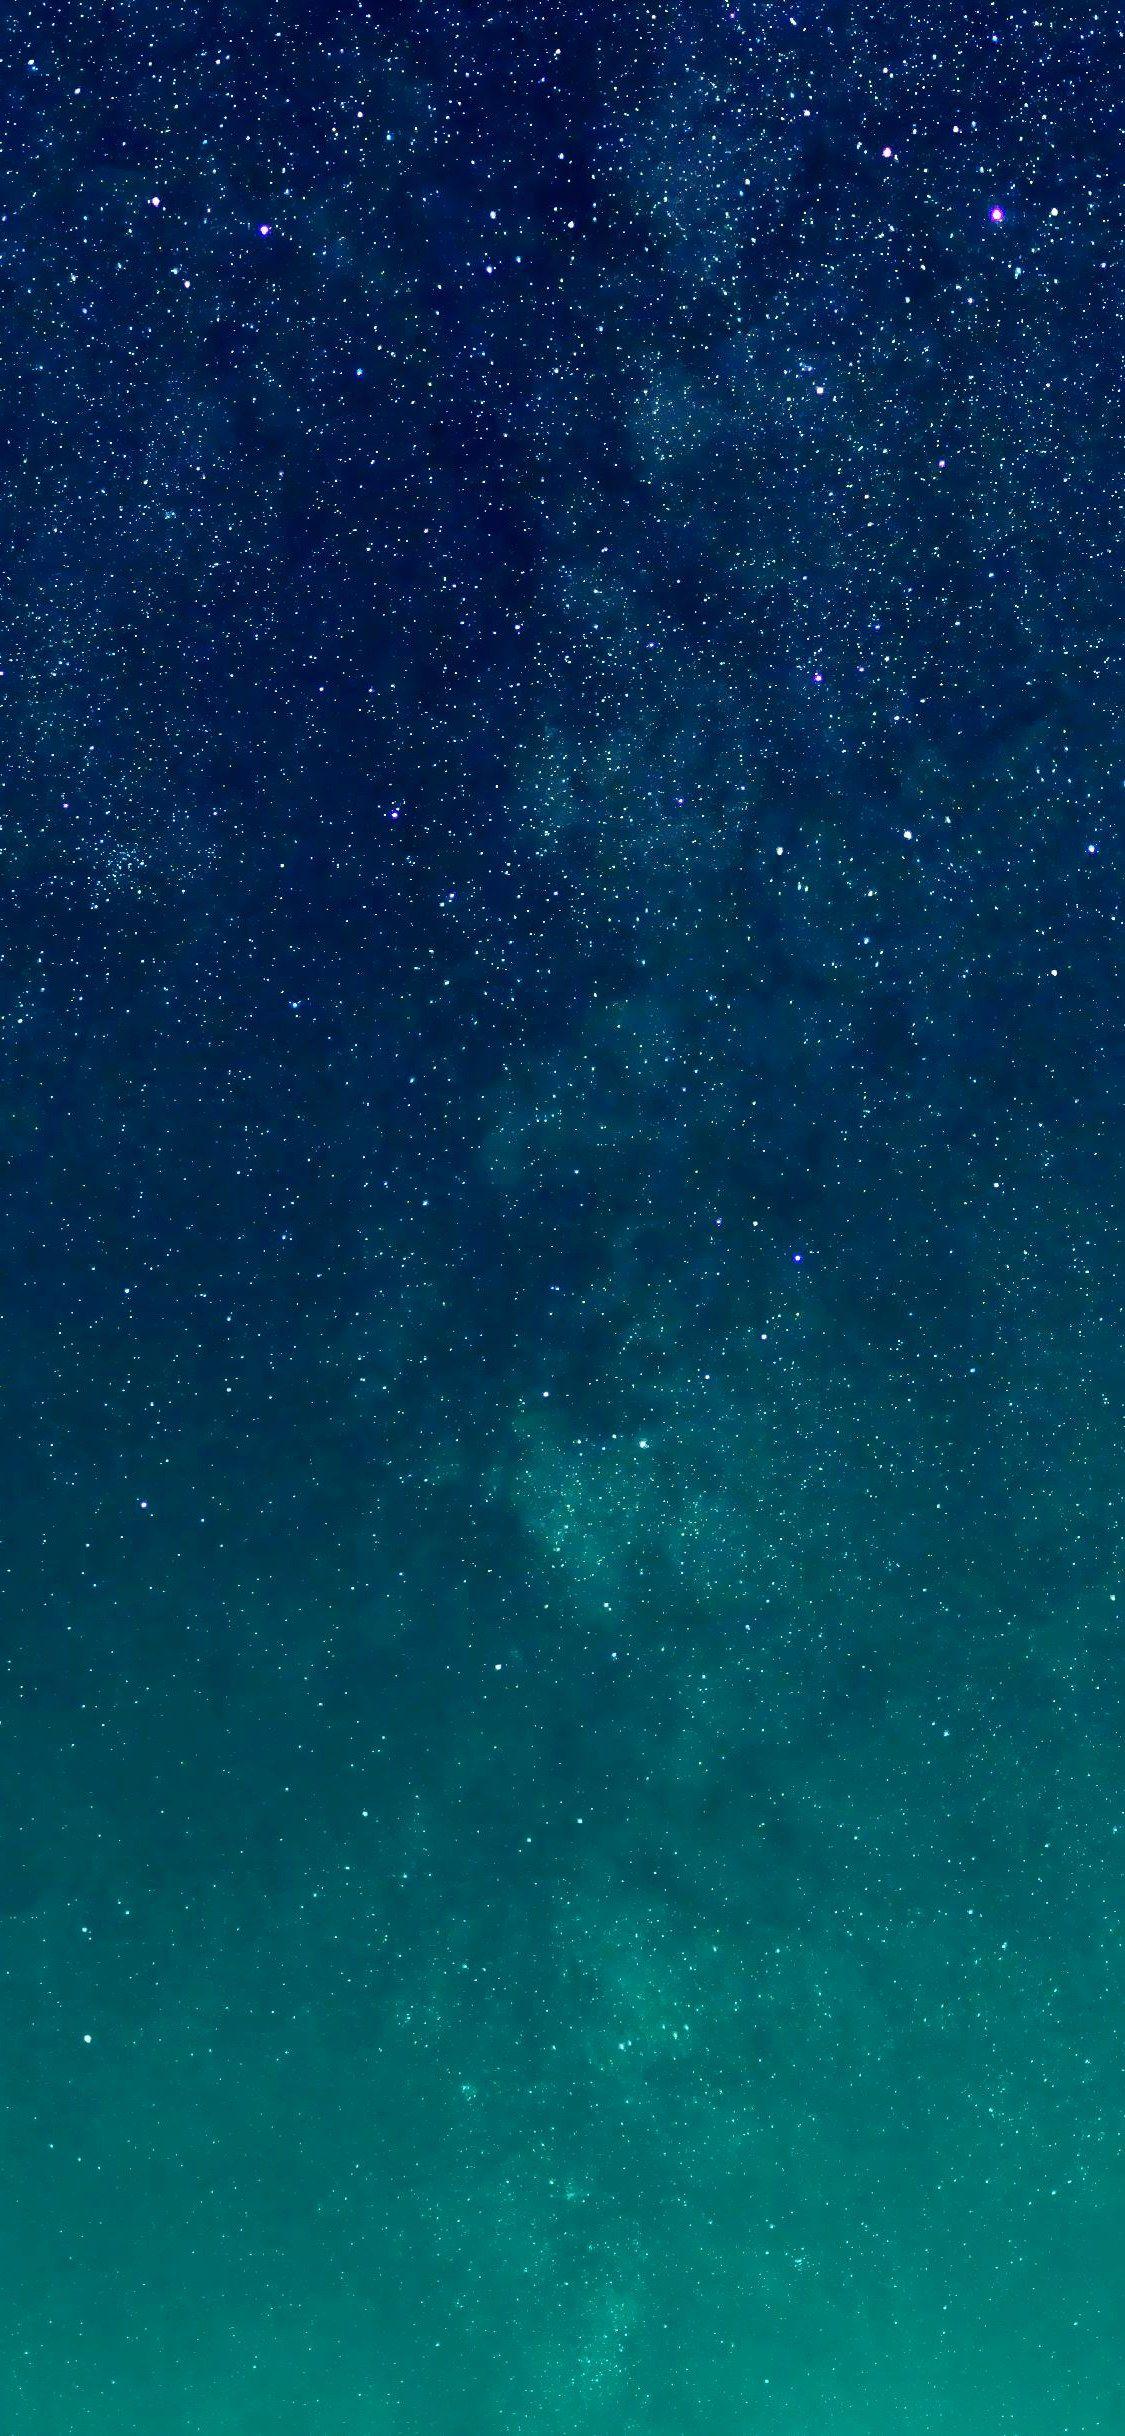 Iphone Xs Ma Wallpaper Milky Way Stars Aurora Summer Night Sky Hd Hd Night Sky Hd Night Sky Wallpaper Milky Way Stars